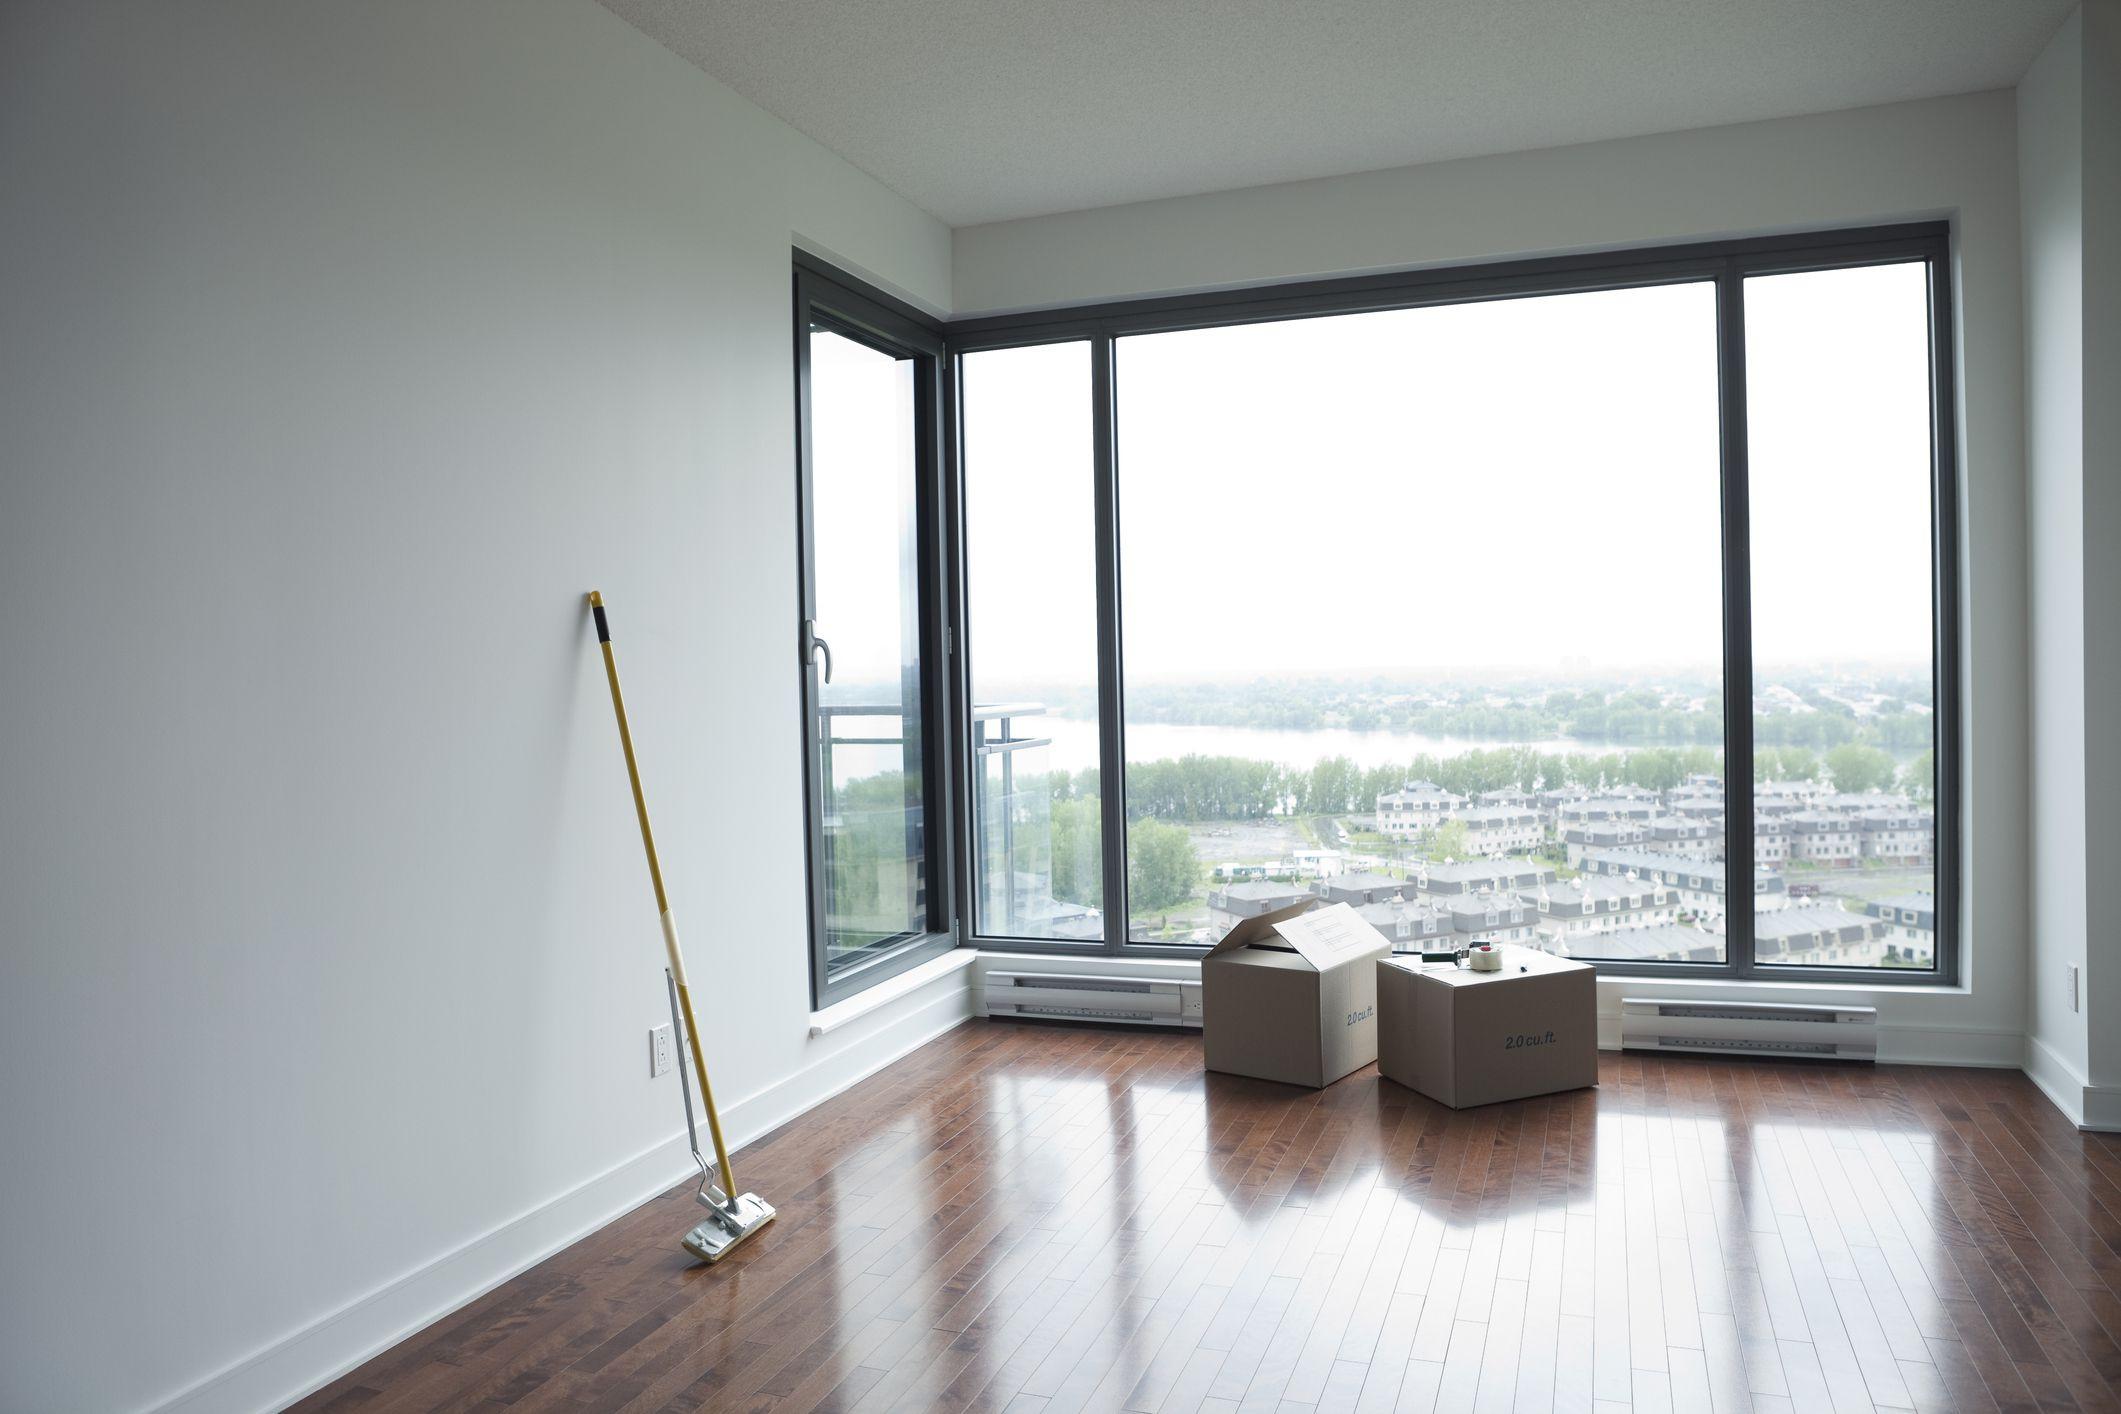 Zep Hardwood Laminate Floor Cleaner Of the Best Cleaner for Laminate Floors within Clean Laminate Floor Gettyimages 183408912 58925fff5f9b5874eeecb034